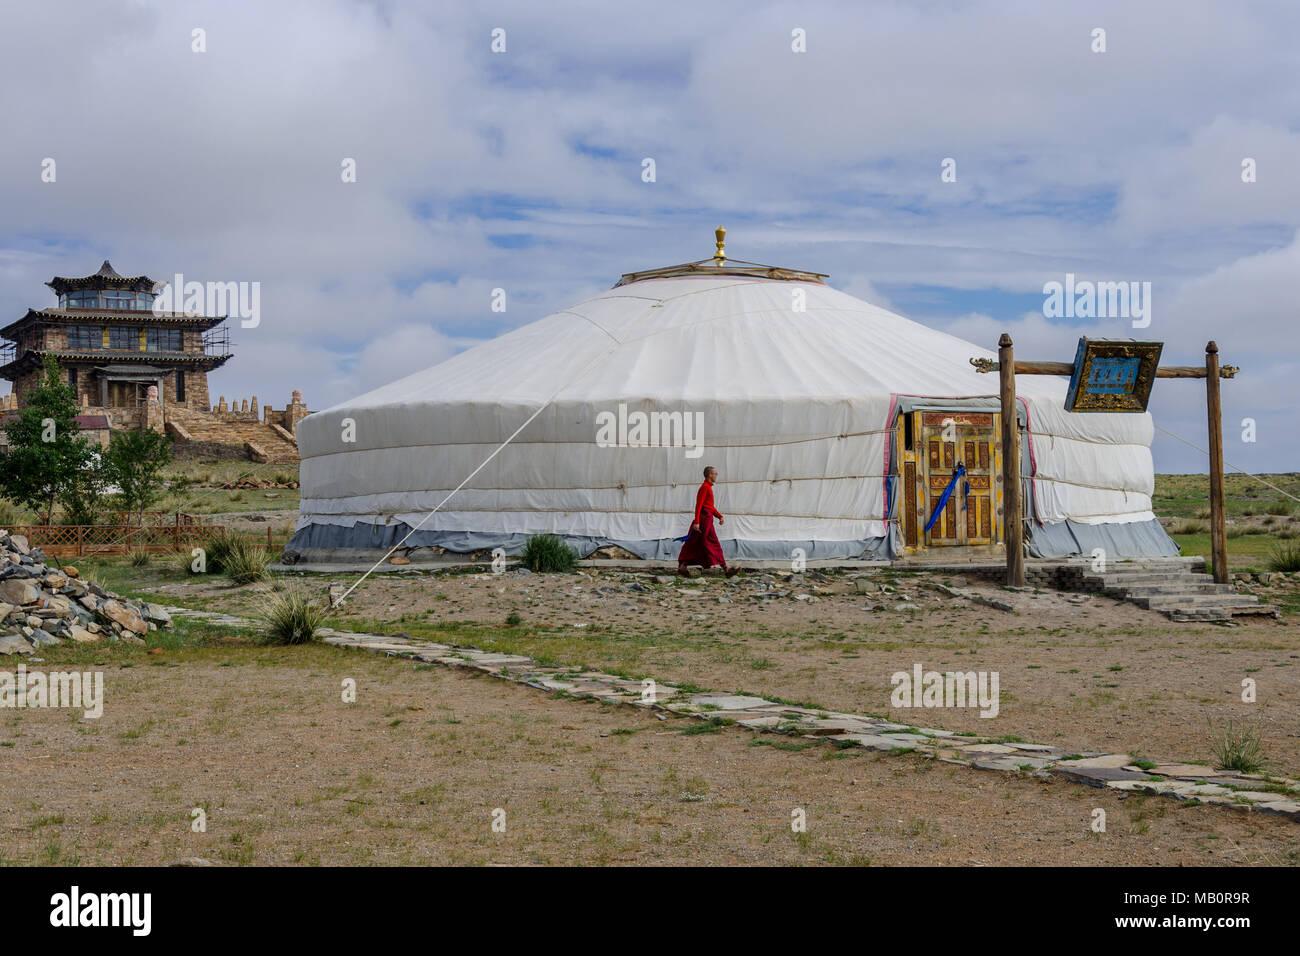 Complesso buddista nel Deserto del Gobi, Mongolia Immagini Stock